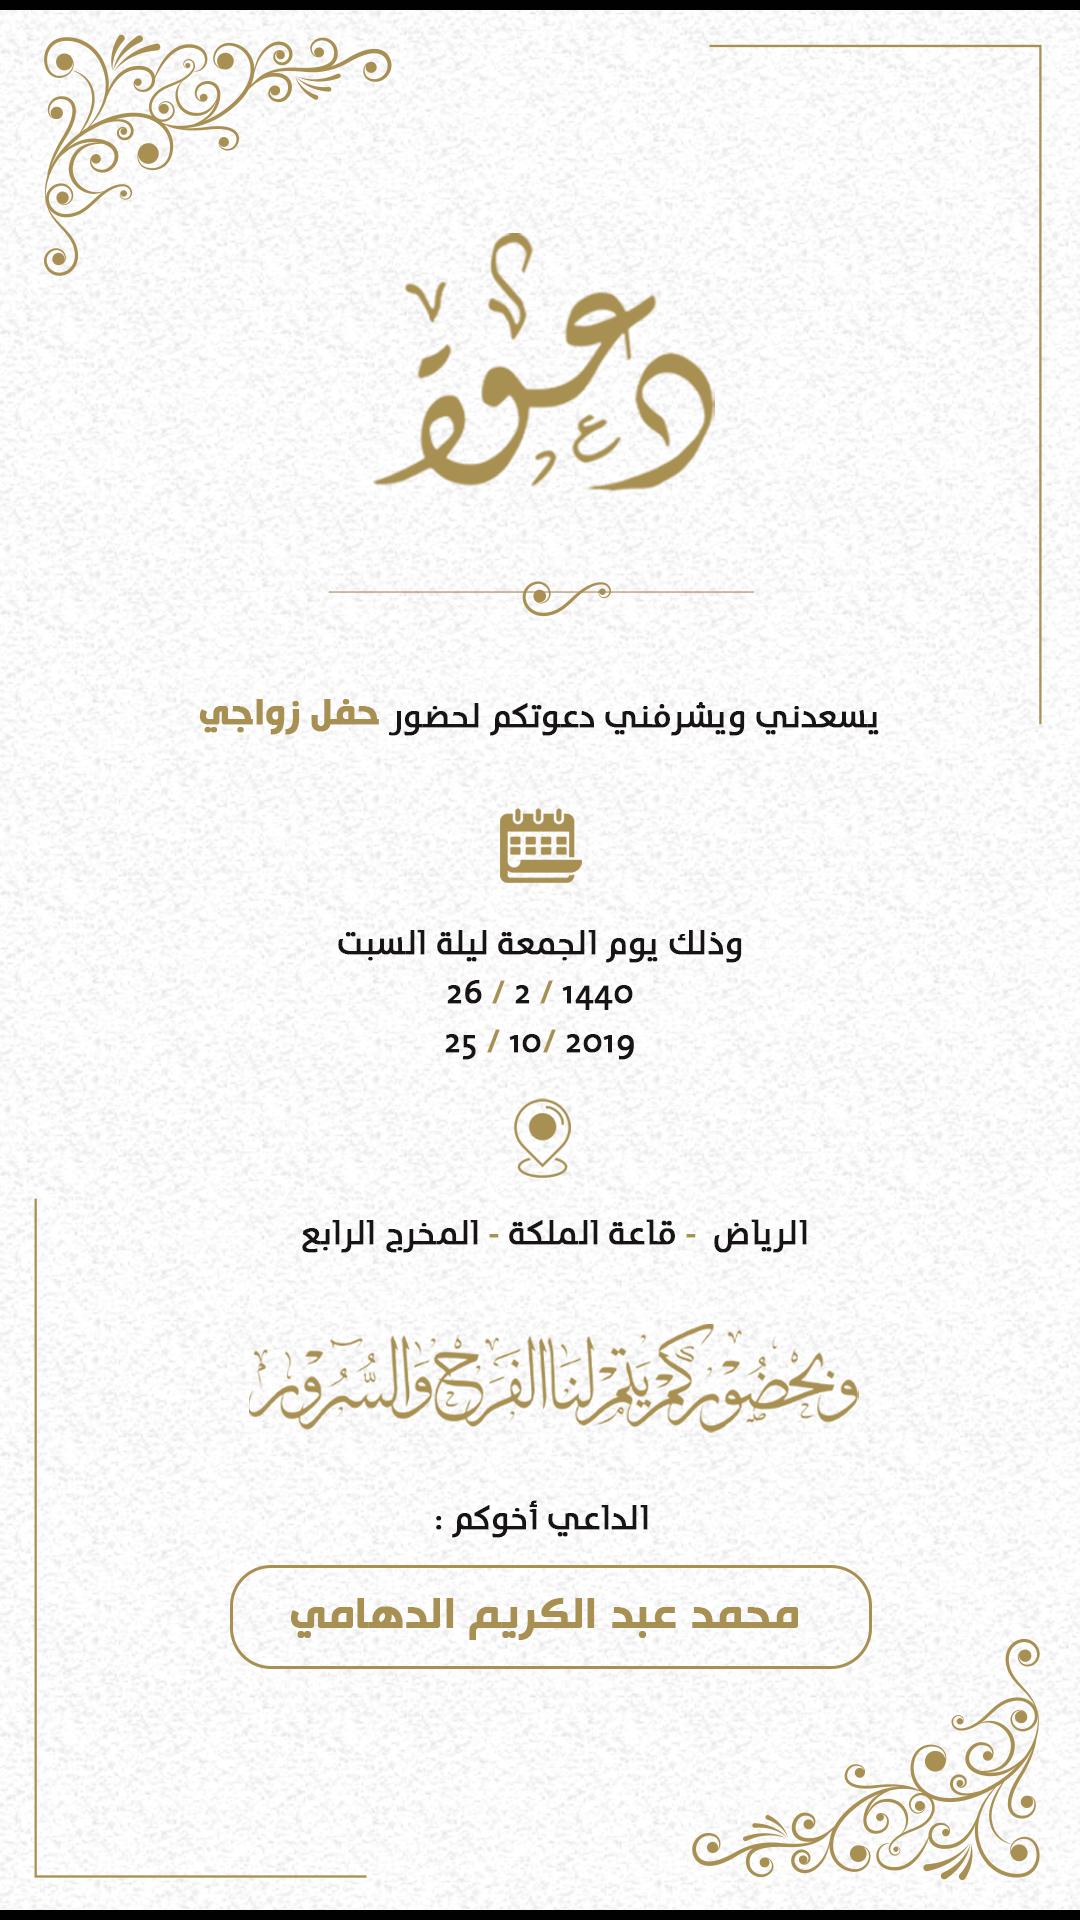 دعوة خاصة Wedding Logo Design Free Business Card Design Wedding Logos